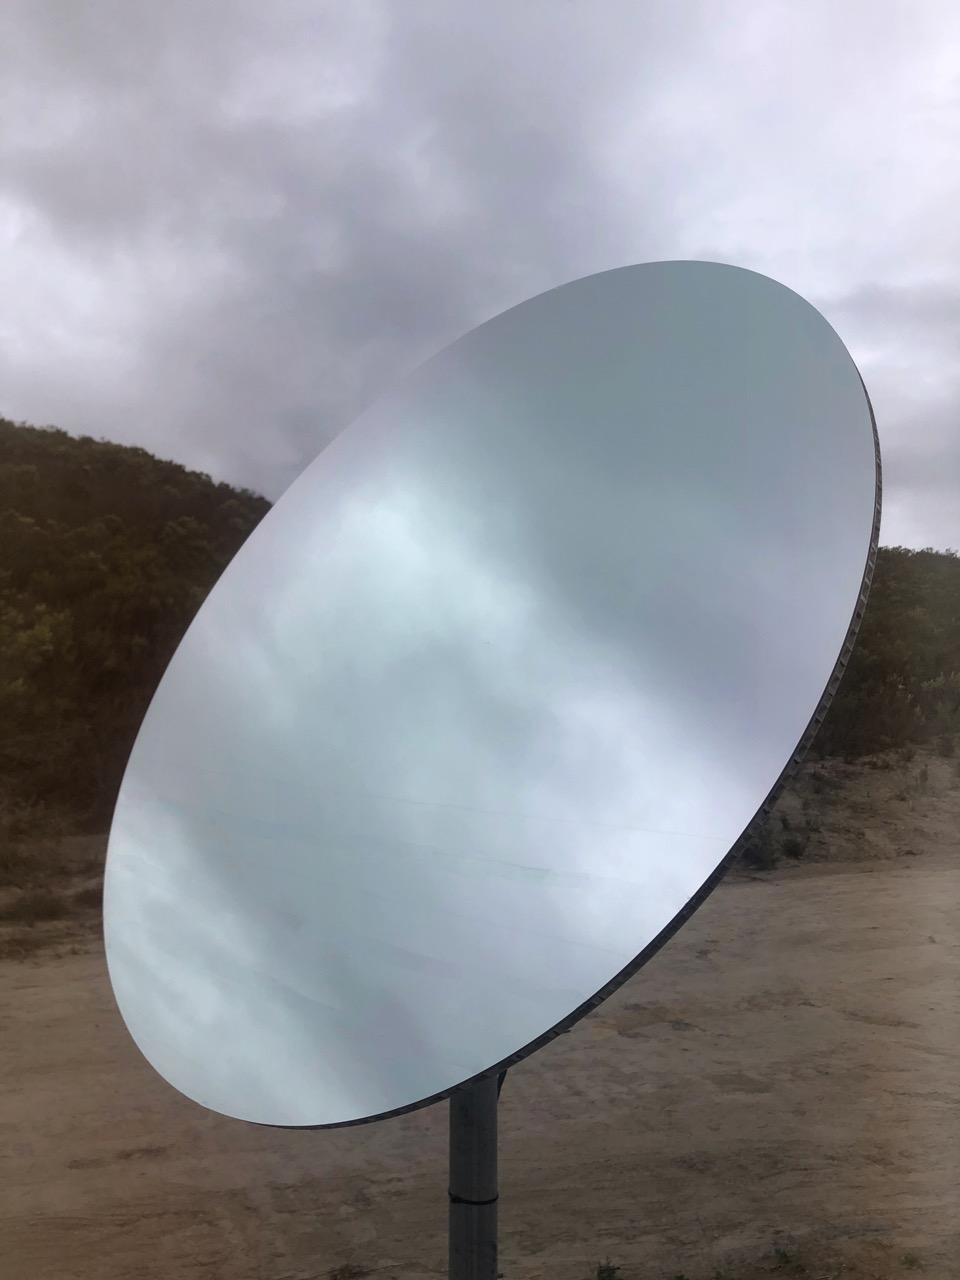 Sharjah Art Institute, Custom H1 Heliostat Round Mirror